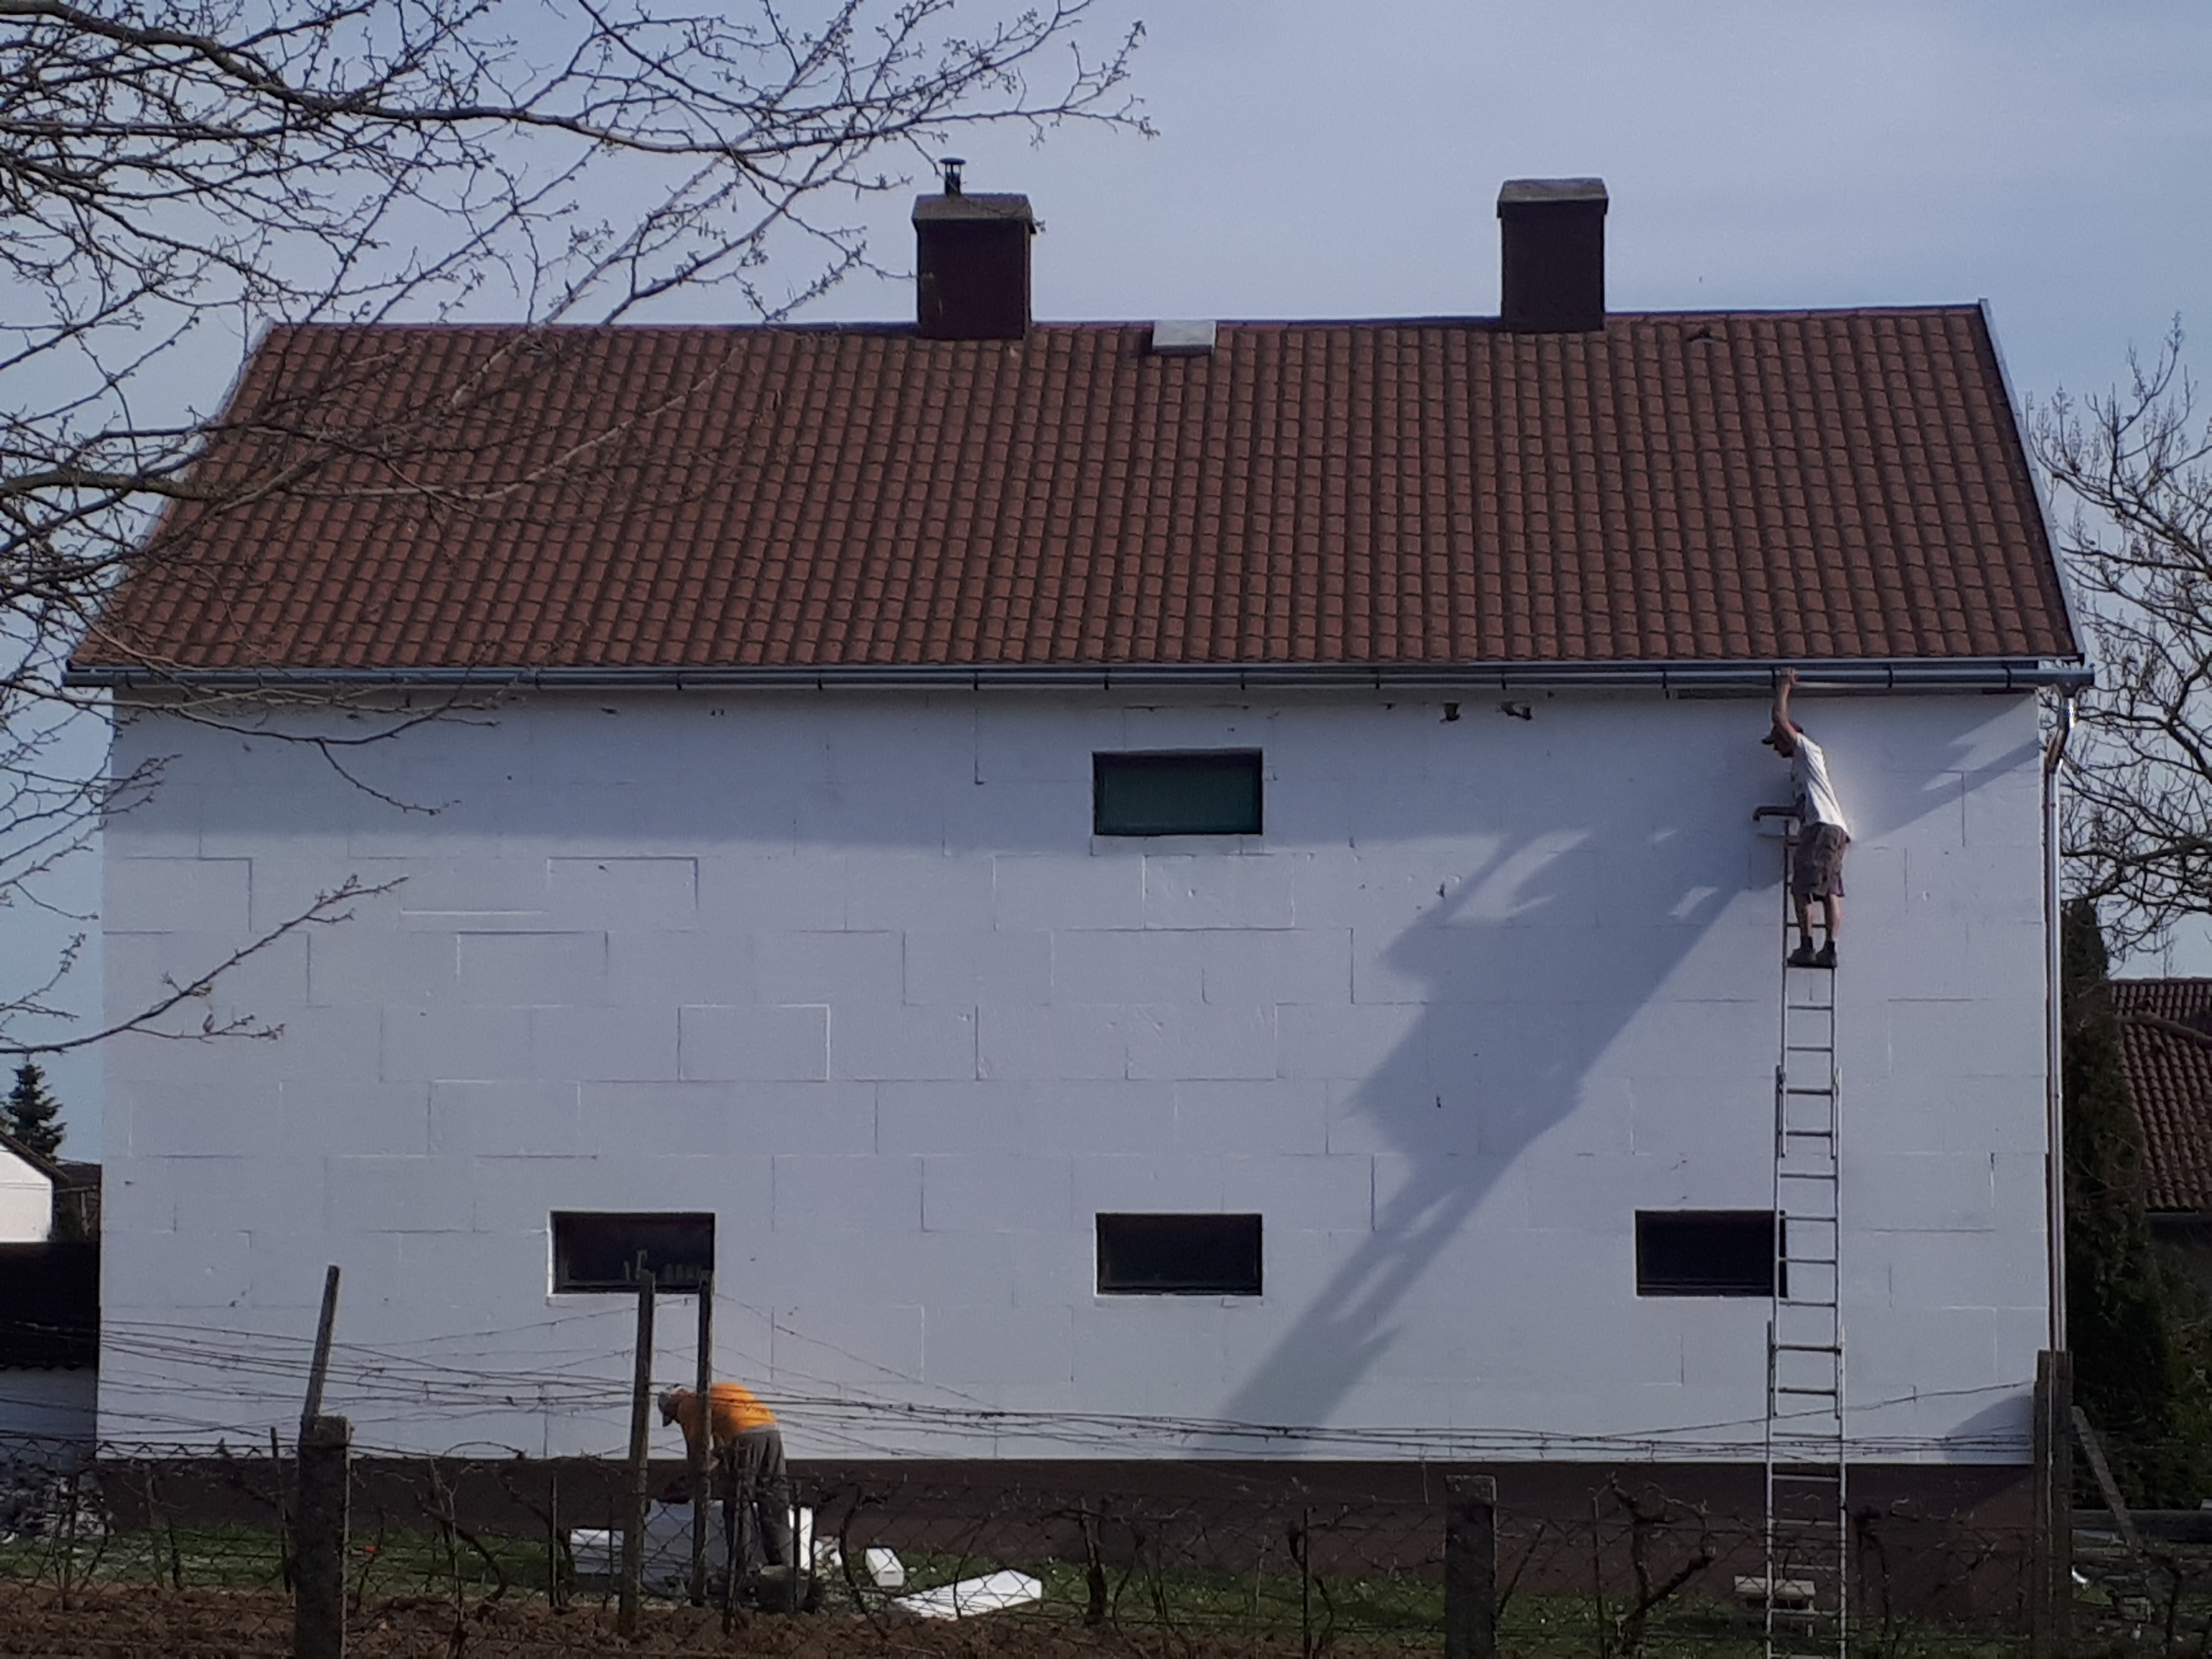 Palatető felújítás Vanyarc, palatető szigetelés VanyarcCsaládi ház palatető felújítása